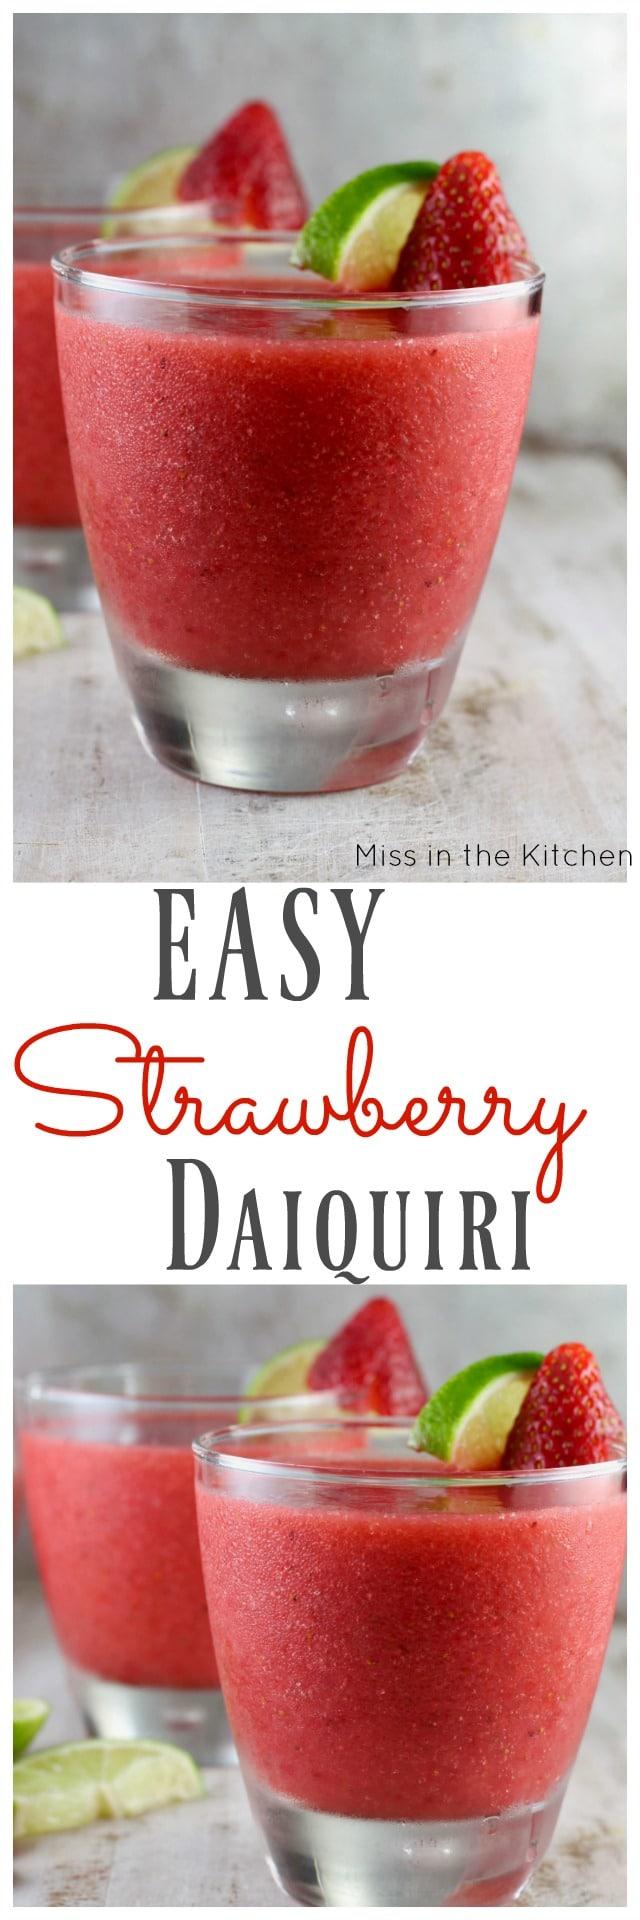 Easy Strawberry Daiquiri (Recipe & Video)